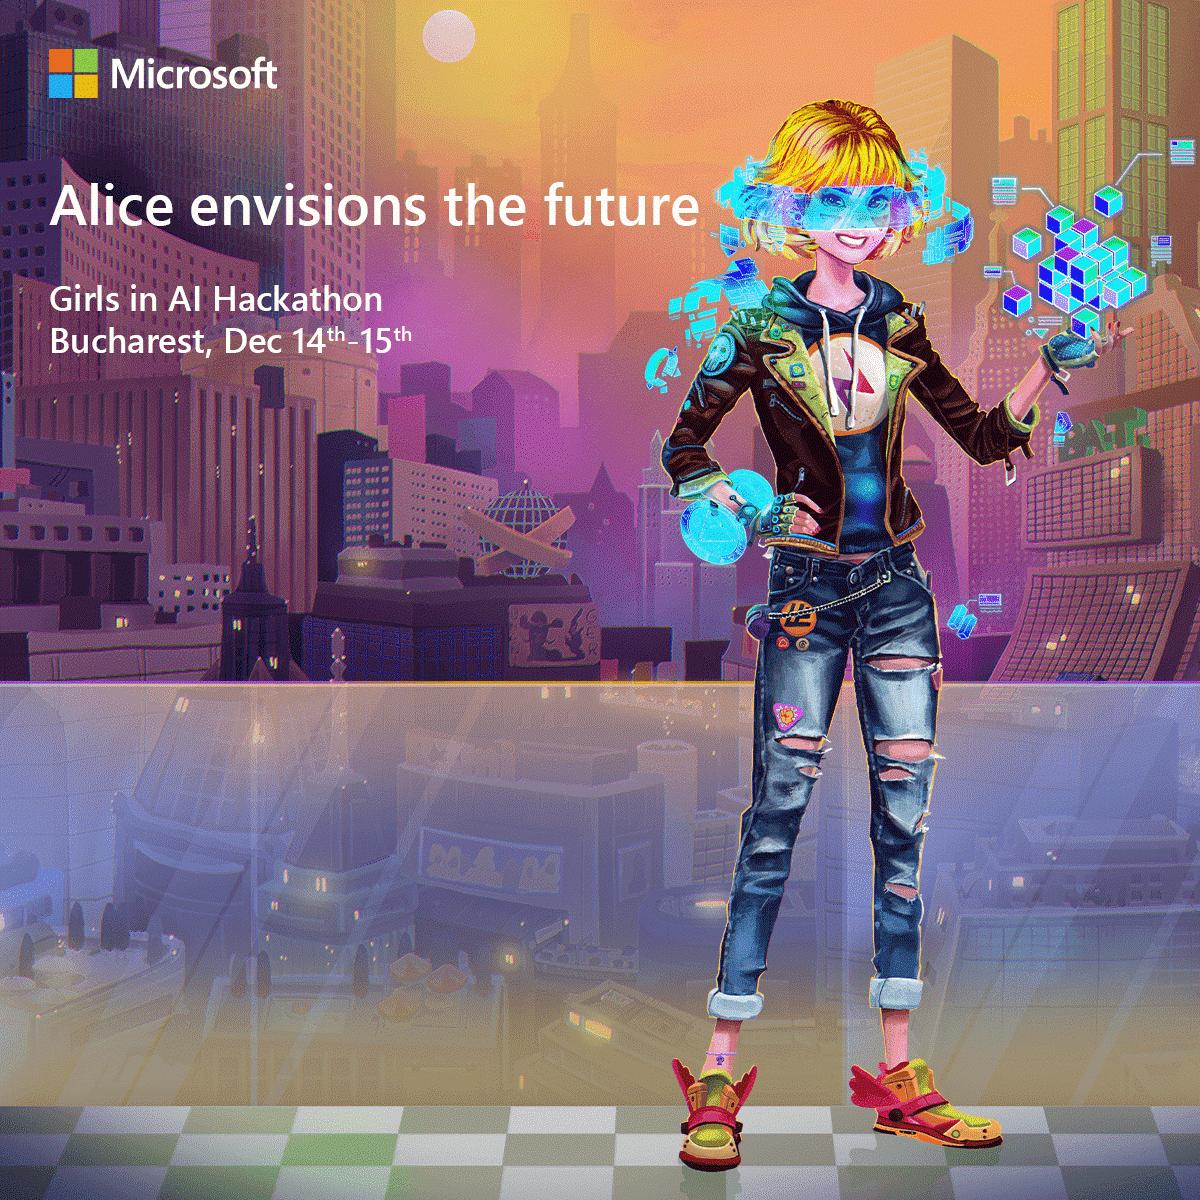 Alice envisions the future, Girls in AI Hackathon – primul eveniment AI destinat elevelor din România